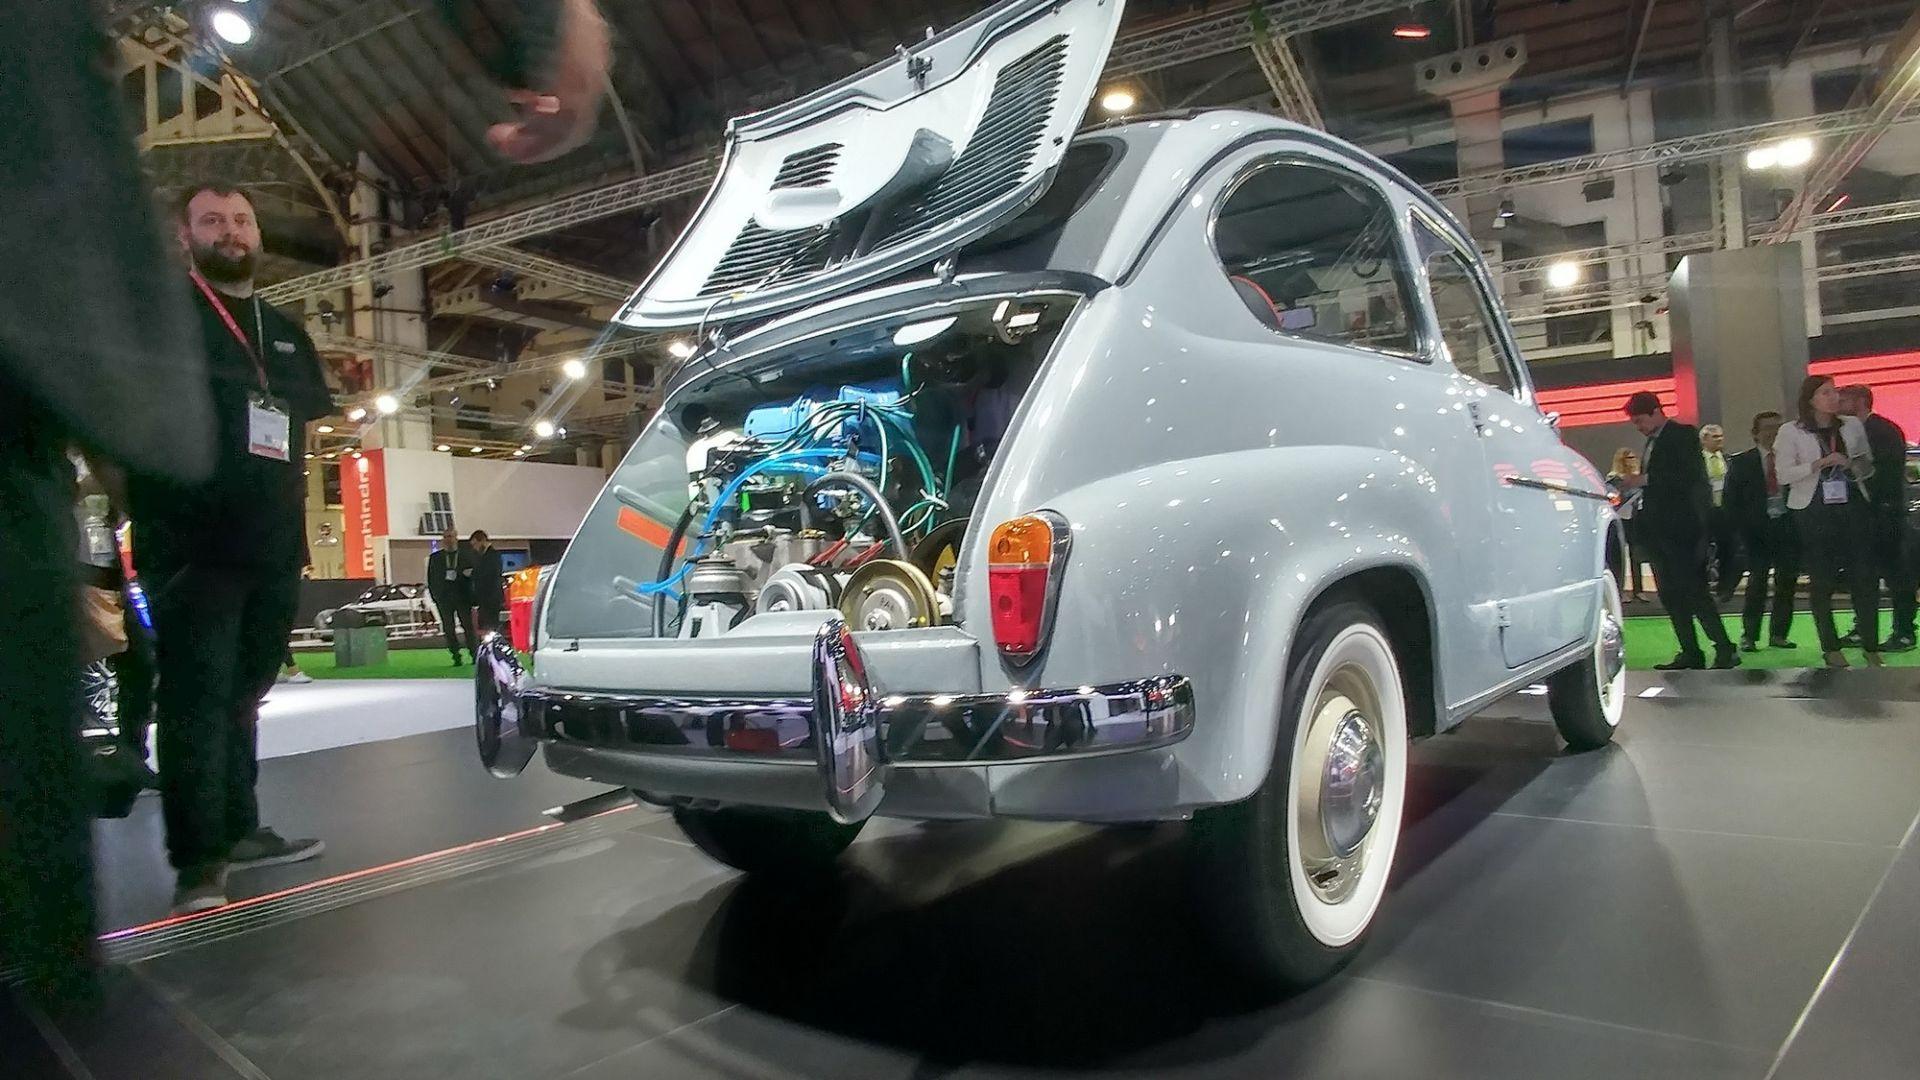 Vecchie auto con componenti moderne 568132-16x9-lg